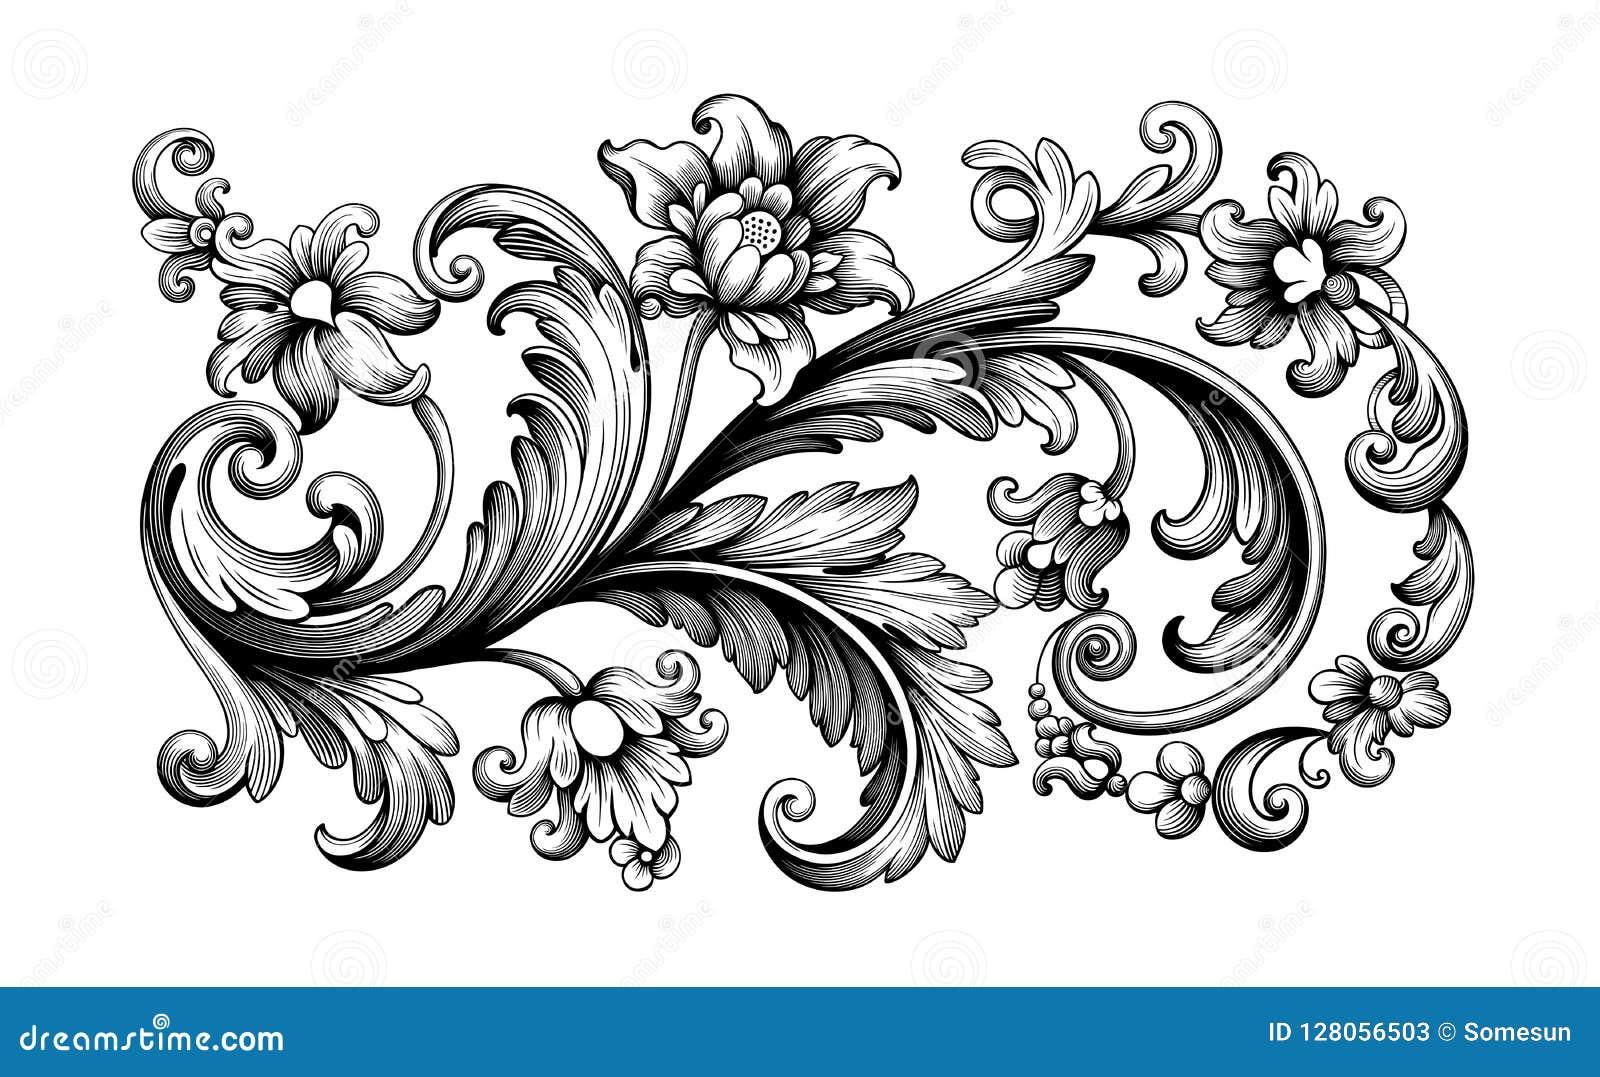 Татуировки пиона картины флористического орнамента границы рамки винтажного барочного переченя цветка викторианский выгравированн